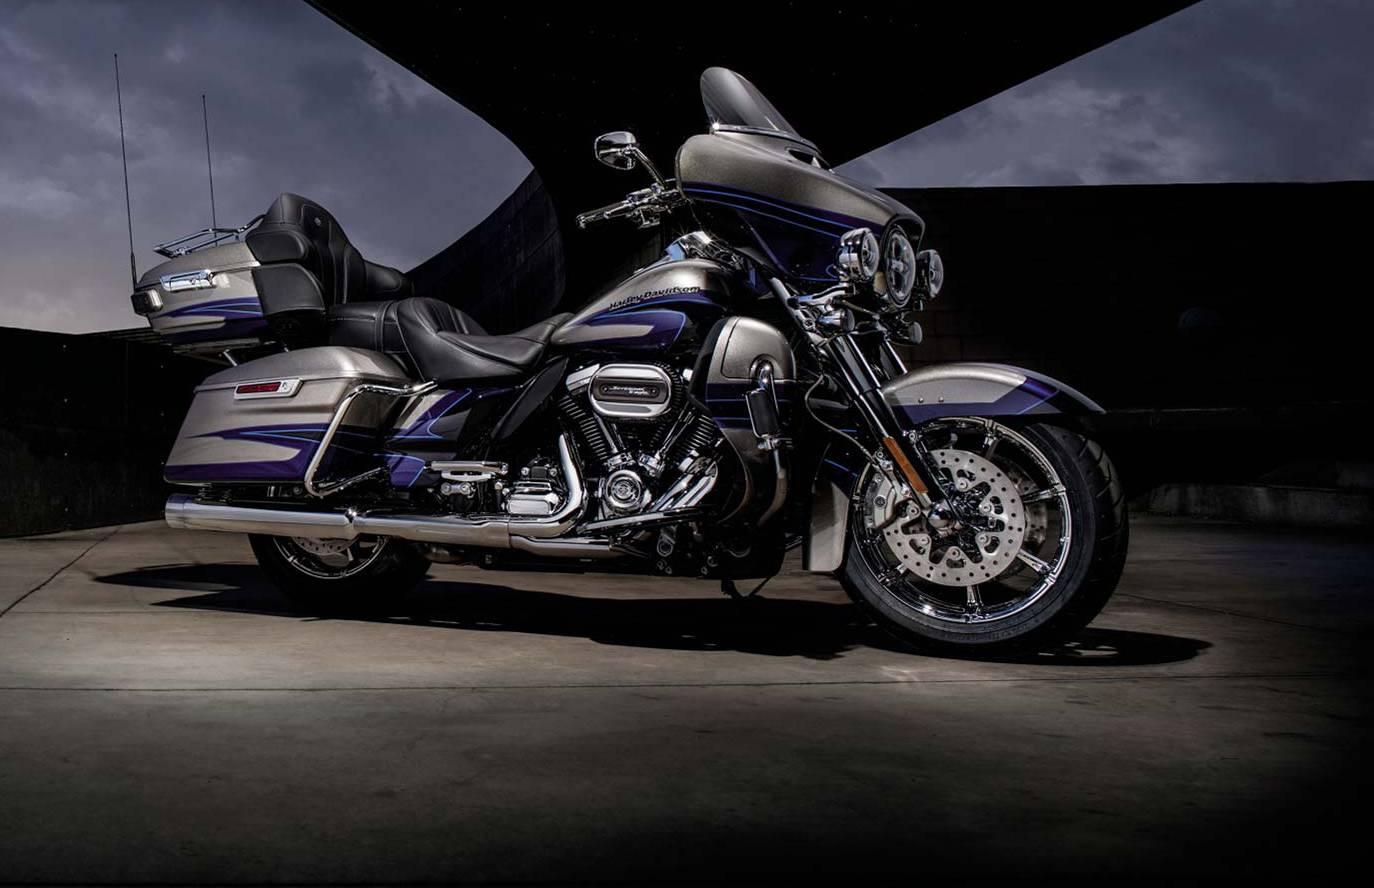 Harley-Davidson V-Rod Muscle 2009 Owner's Manual